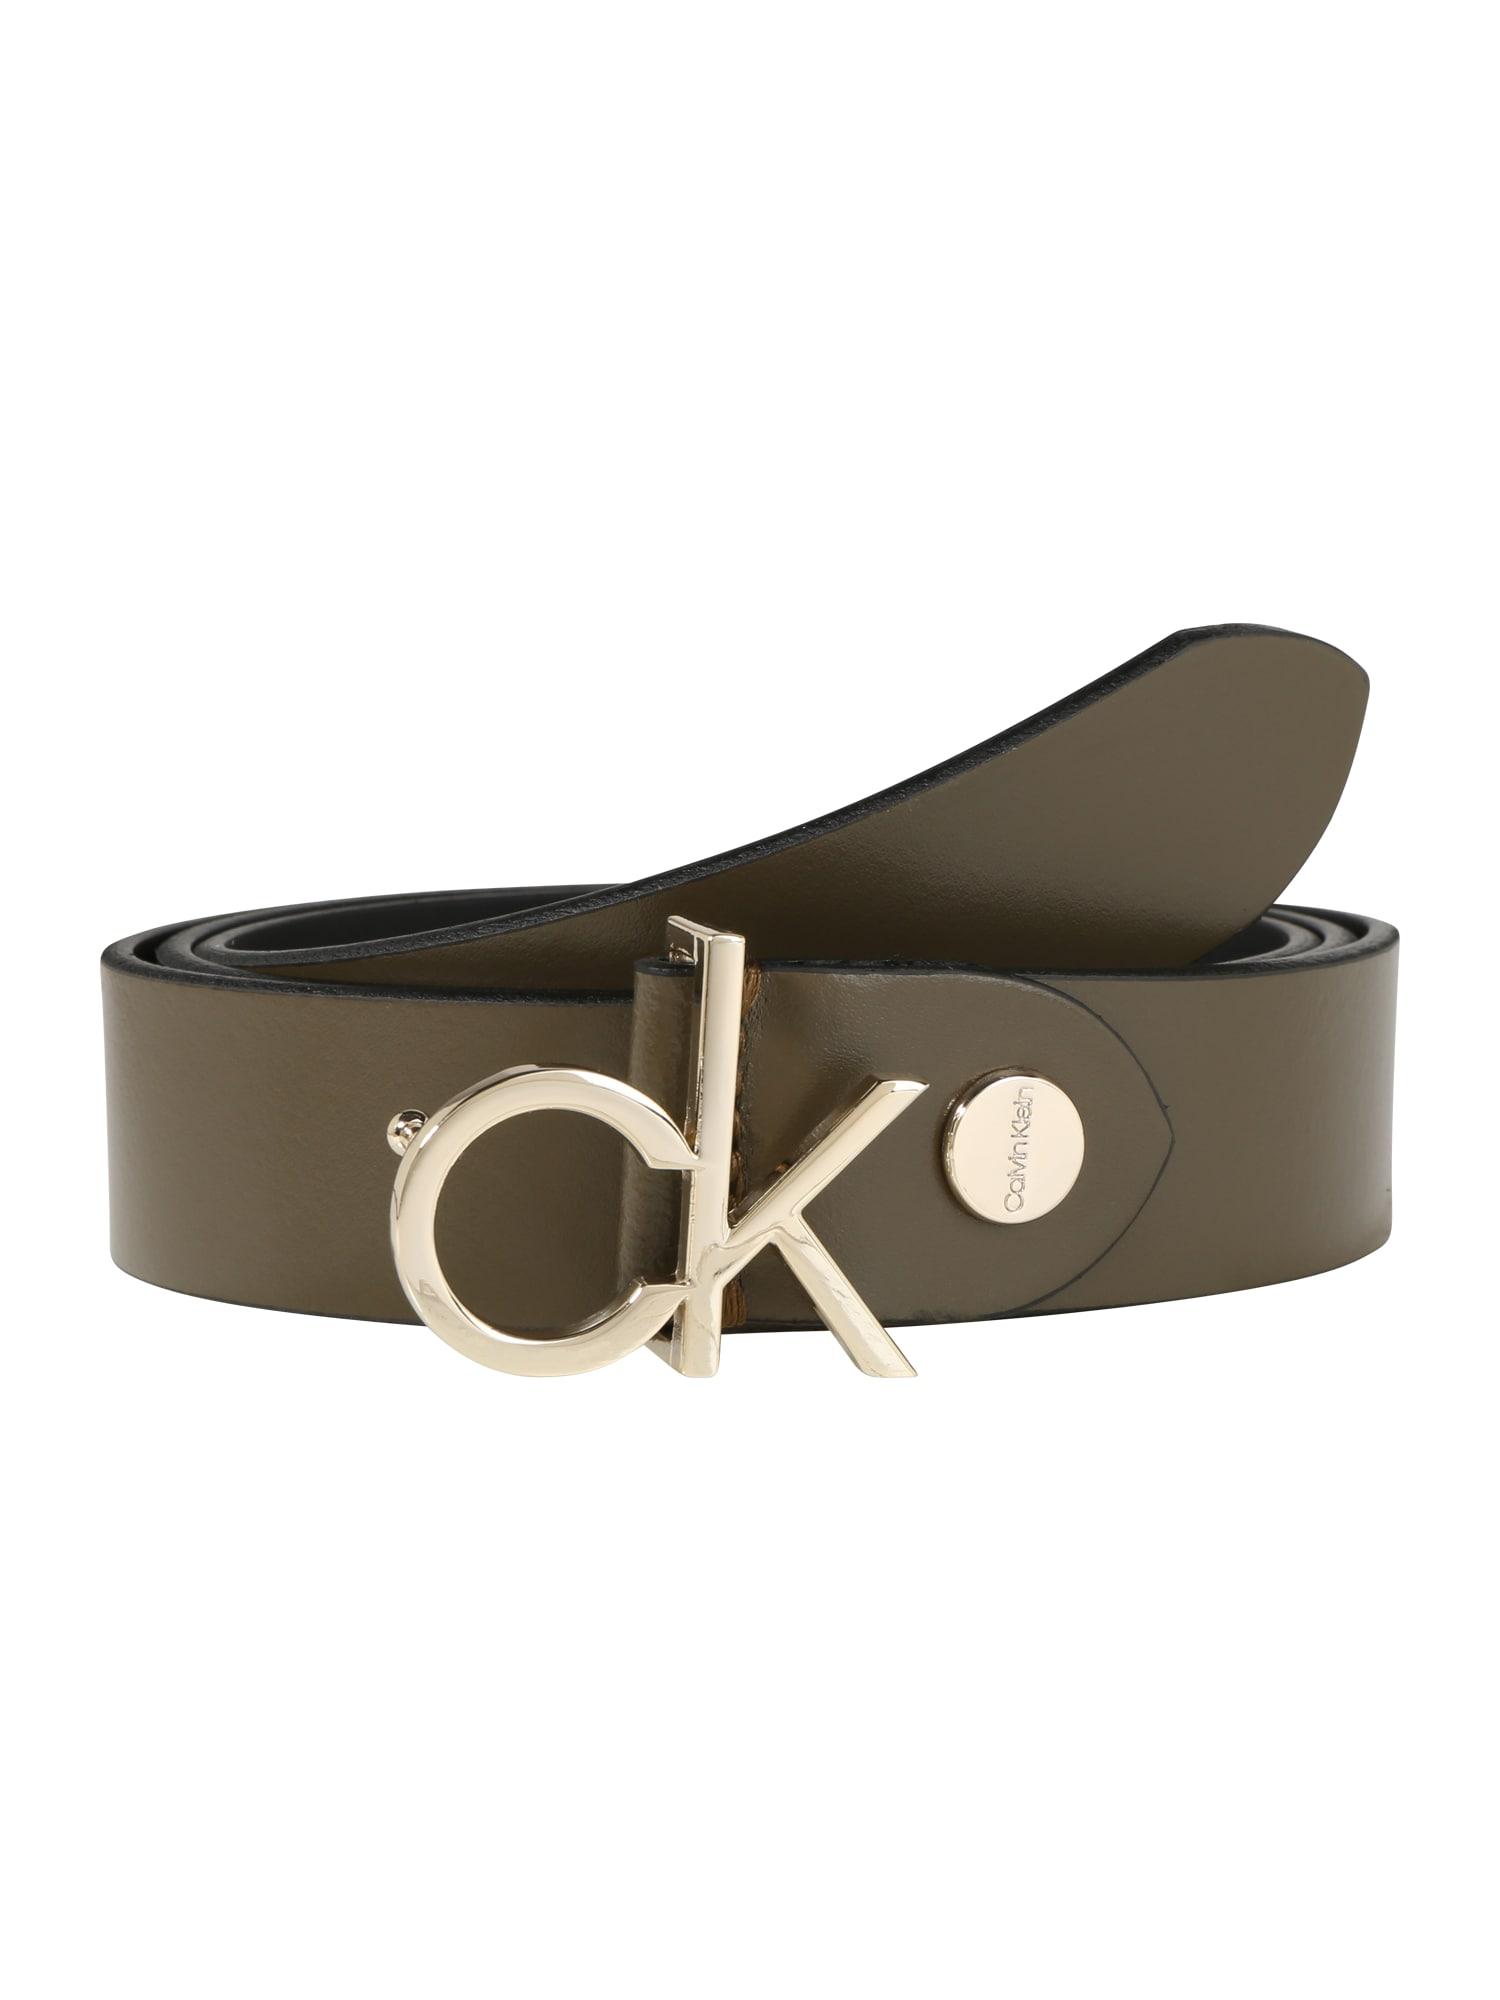 Calvin Klein Diržas 'CK LOW BELT ADJ 3.0' alyvuogių spalva / tamsiai žalia